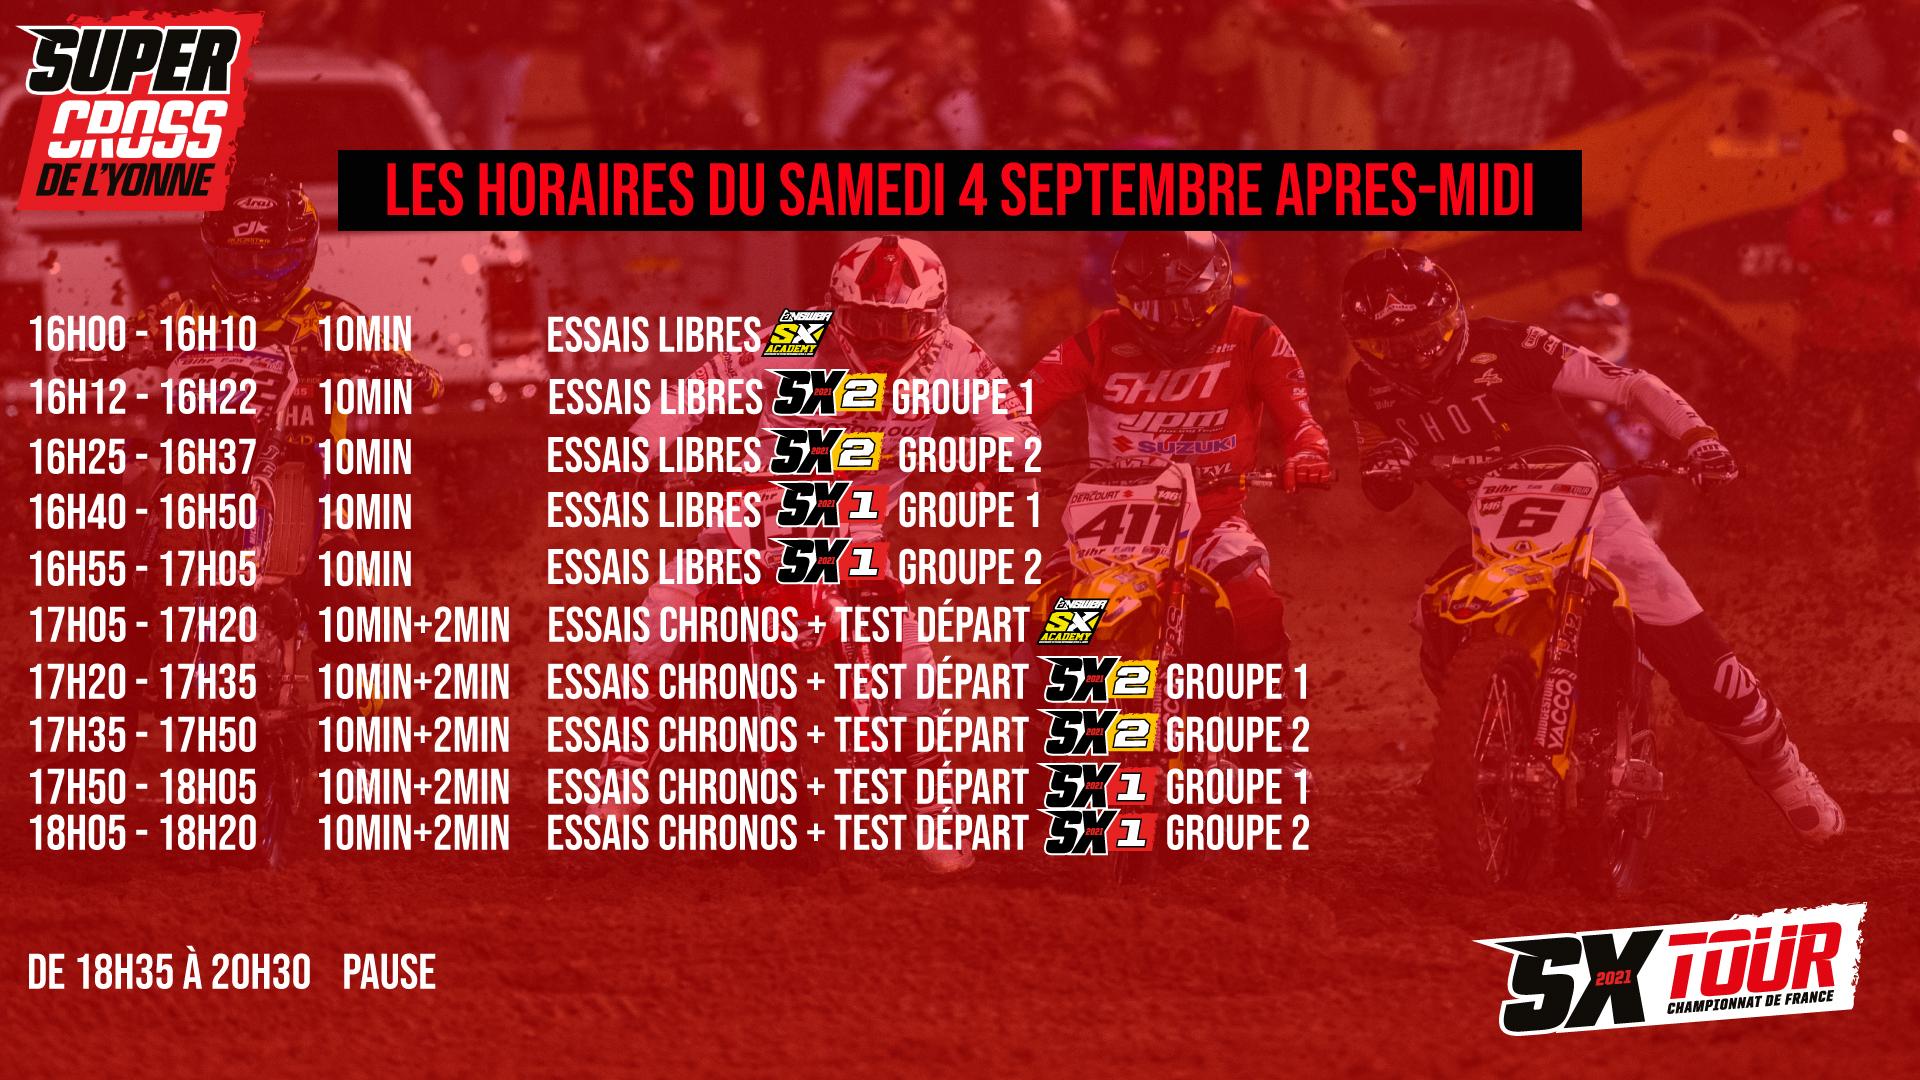 Supercross de l'Yonne 2021 - Les Horaires des essais